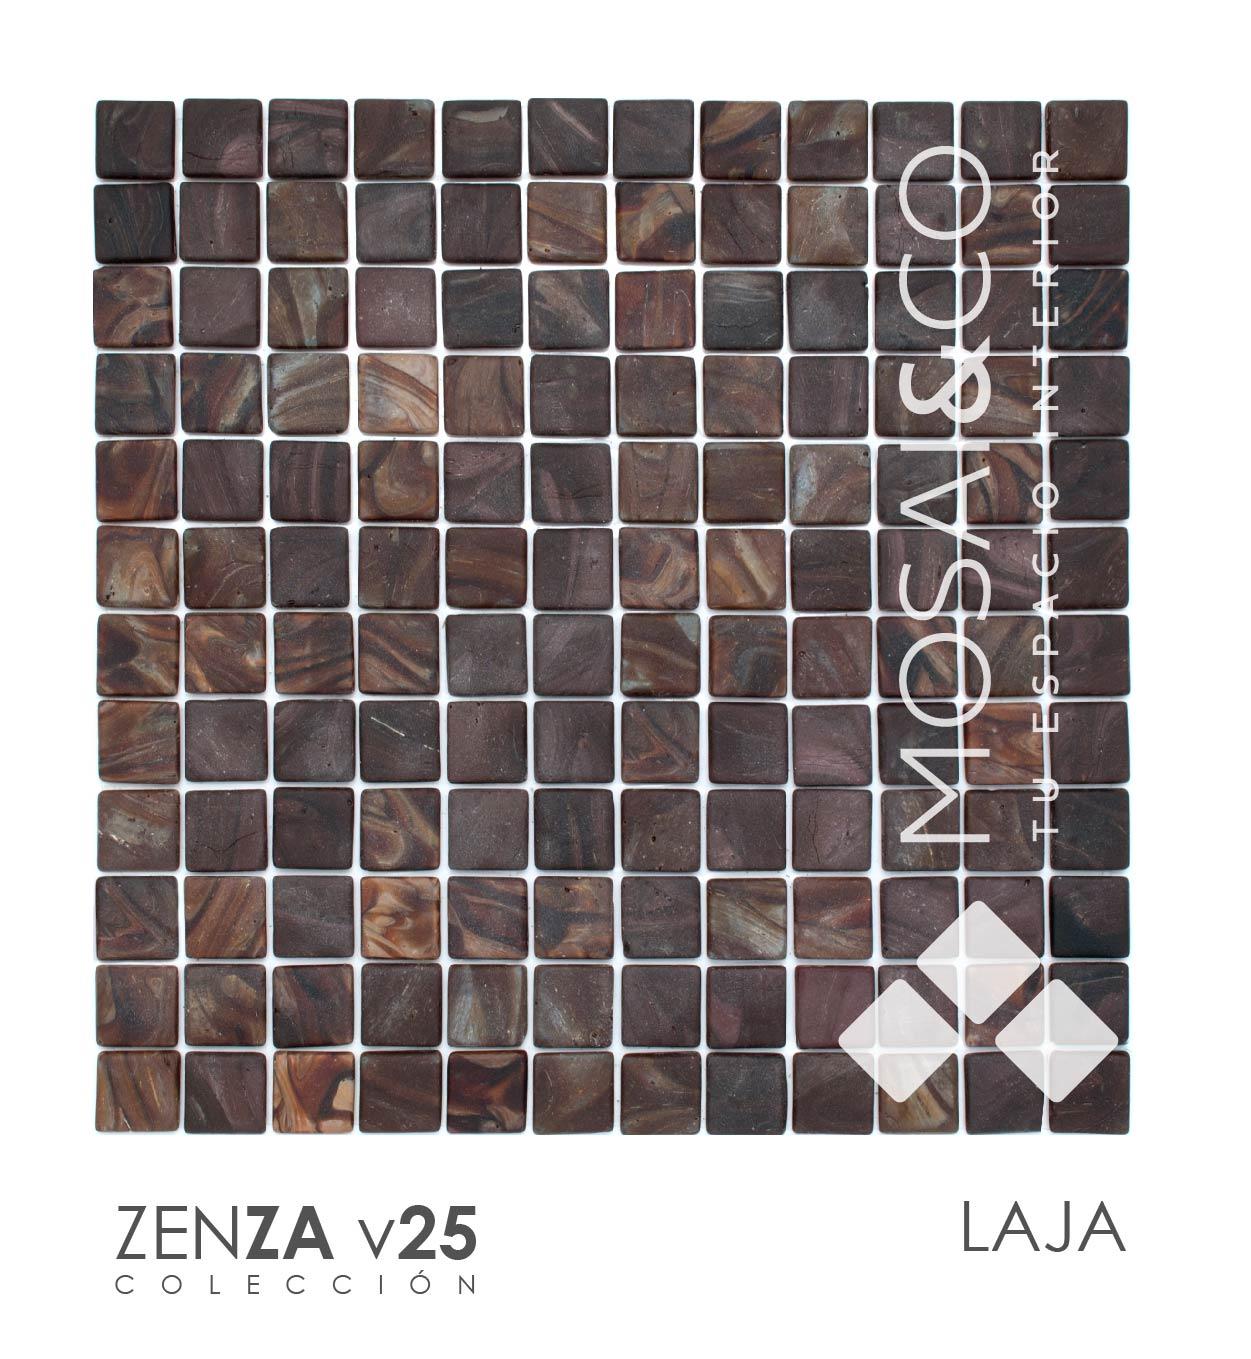 mosaico-decoracion-interiores-mosaiandco-coleccion-zenza-v25_laja